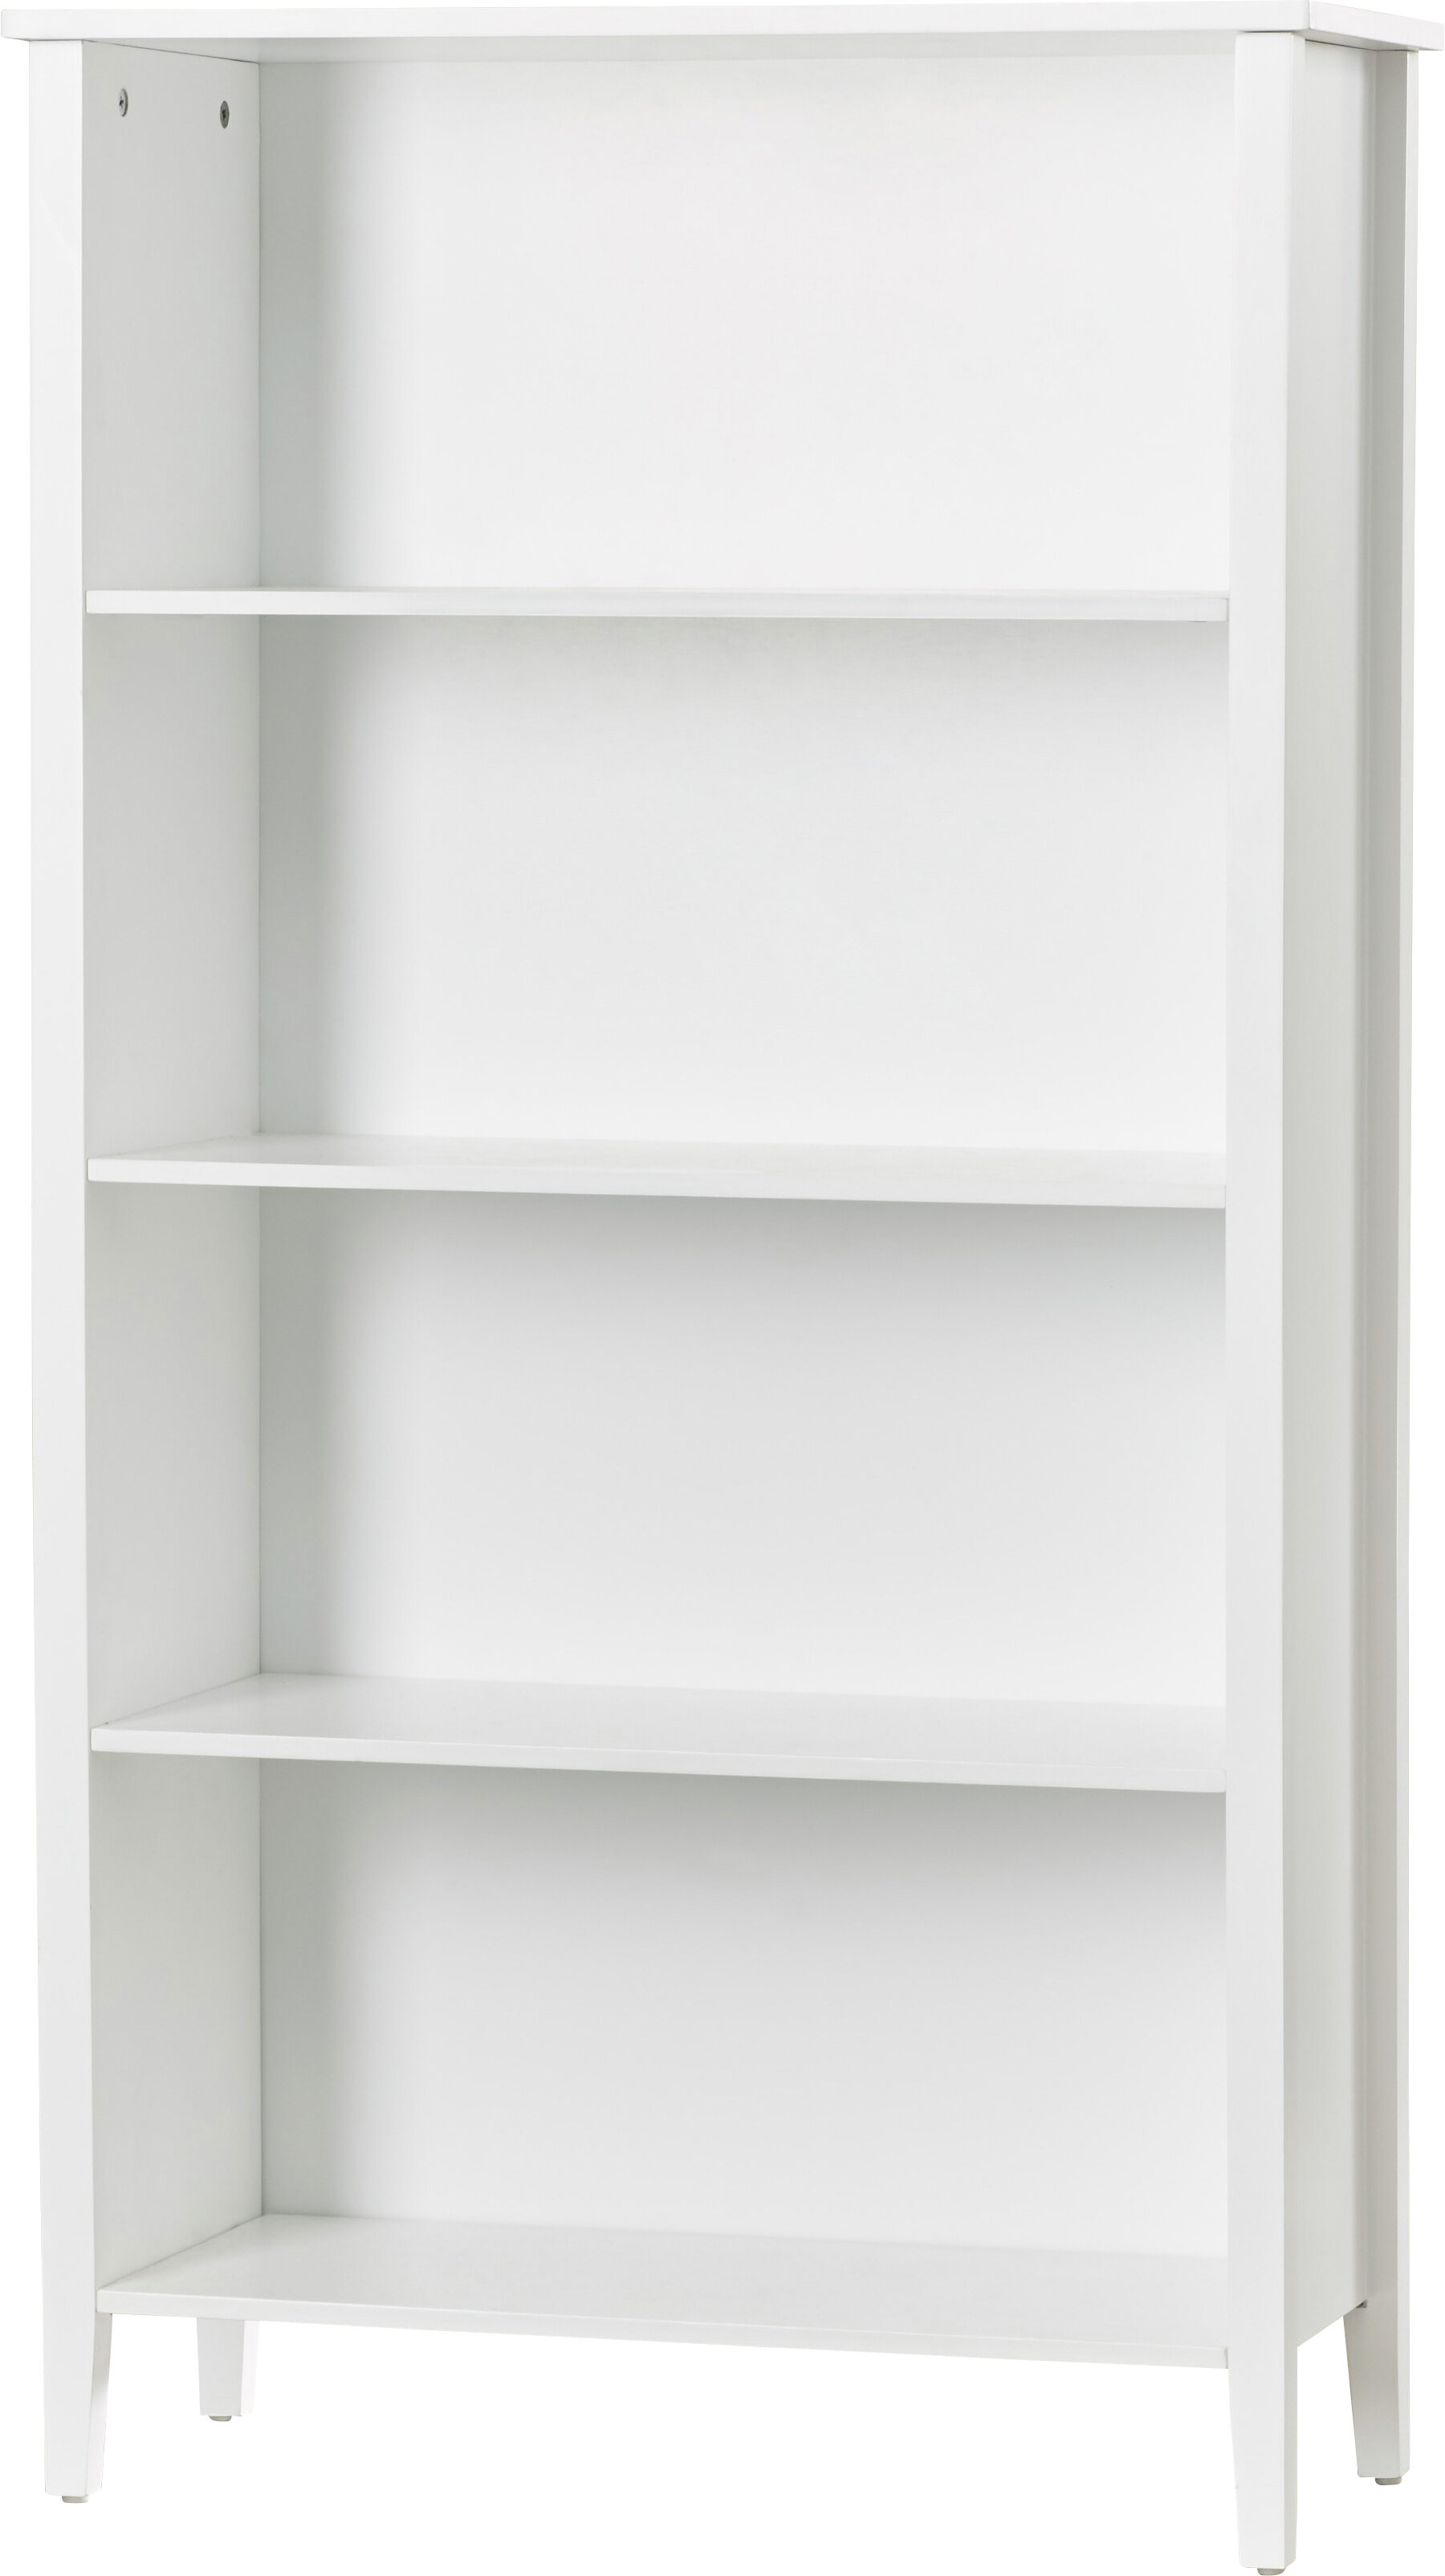 Alchiba 4 Tier 52 Standard Bookcase